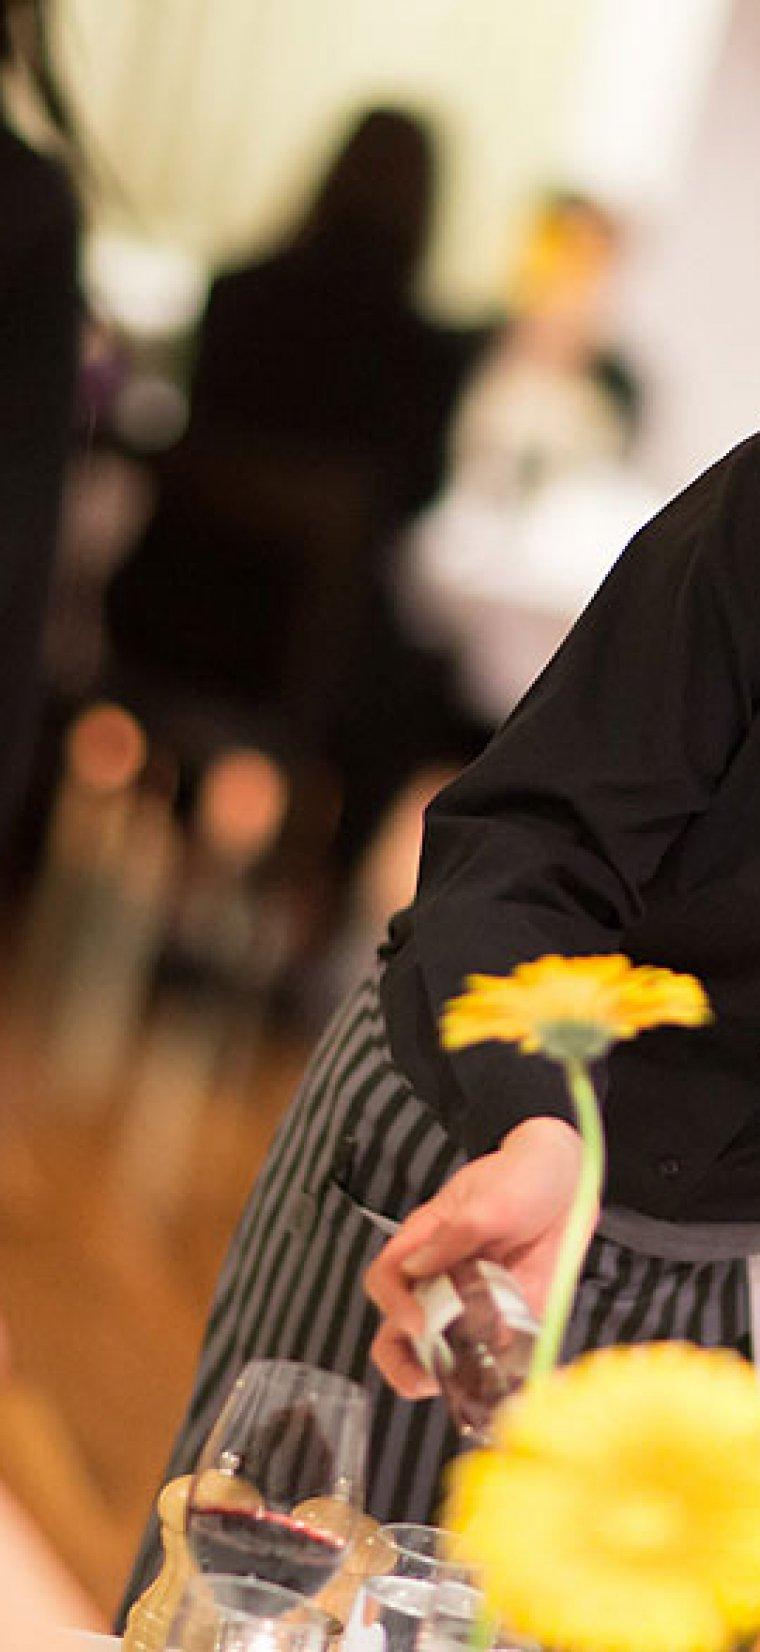 Servitris med svart skjorta och vinröd fluga står och saltar en maträtt.